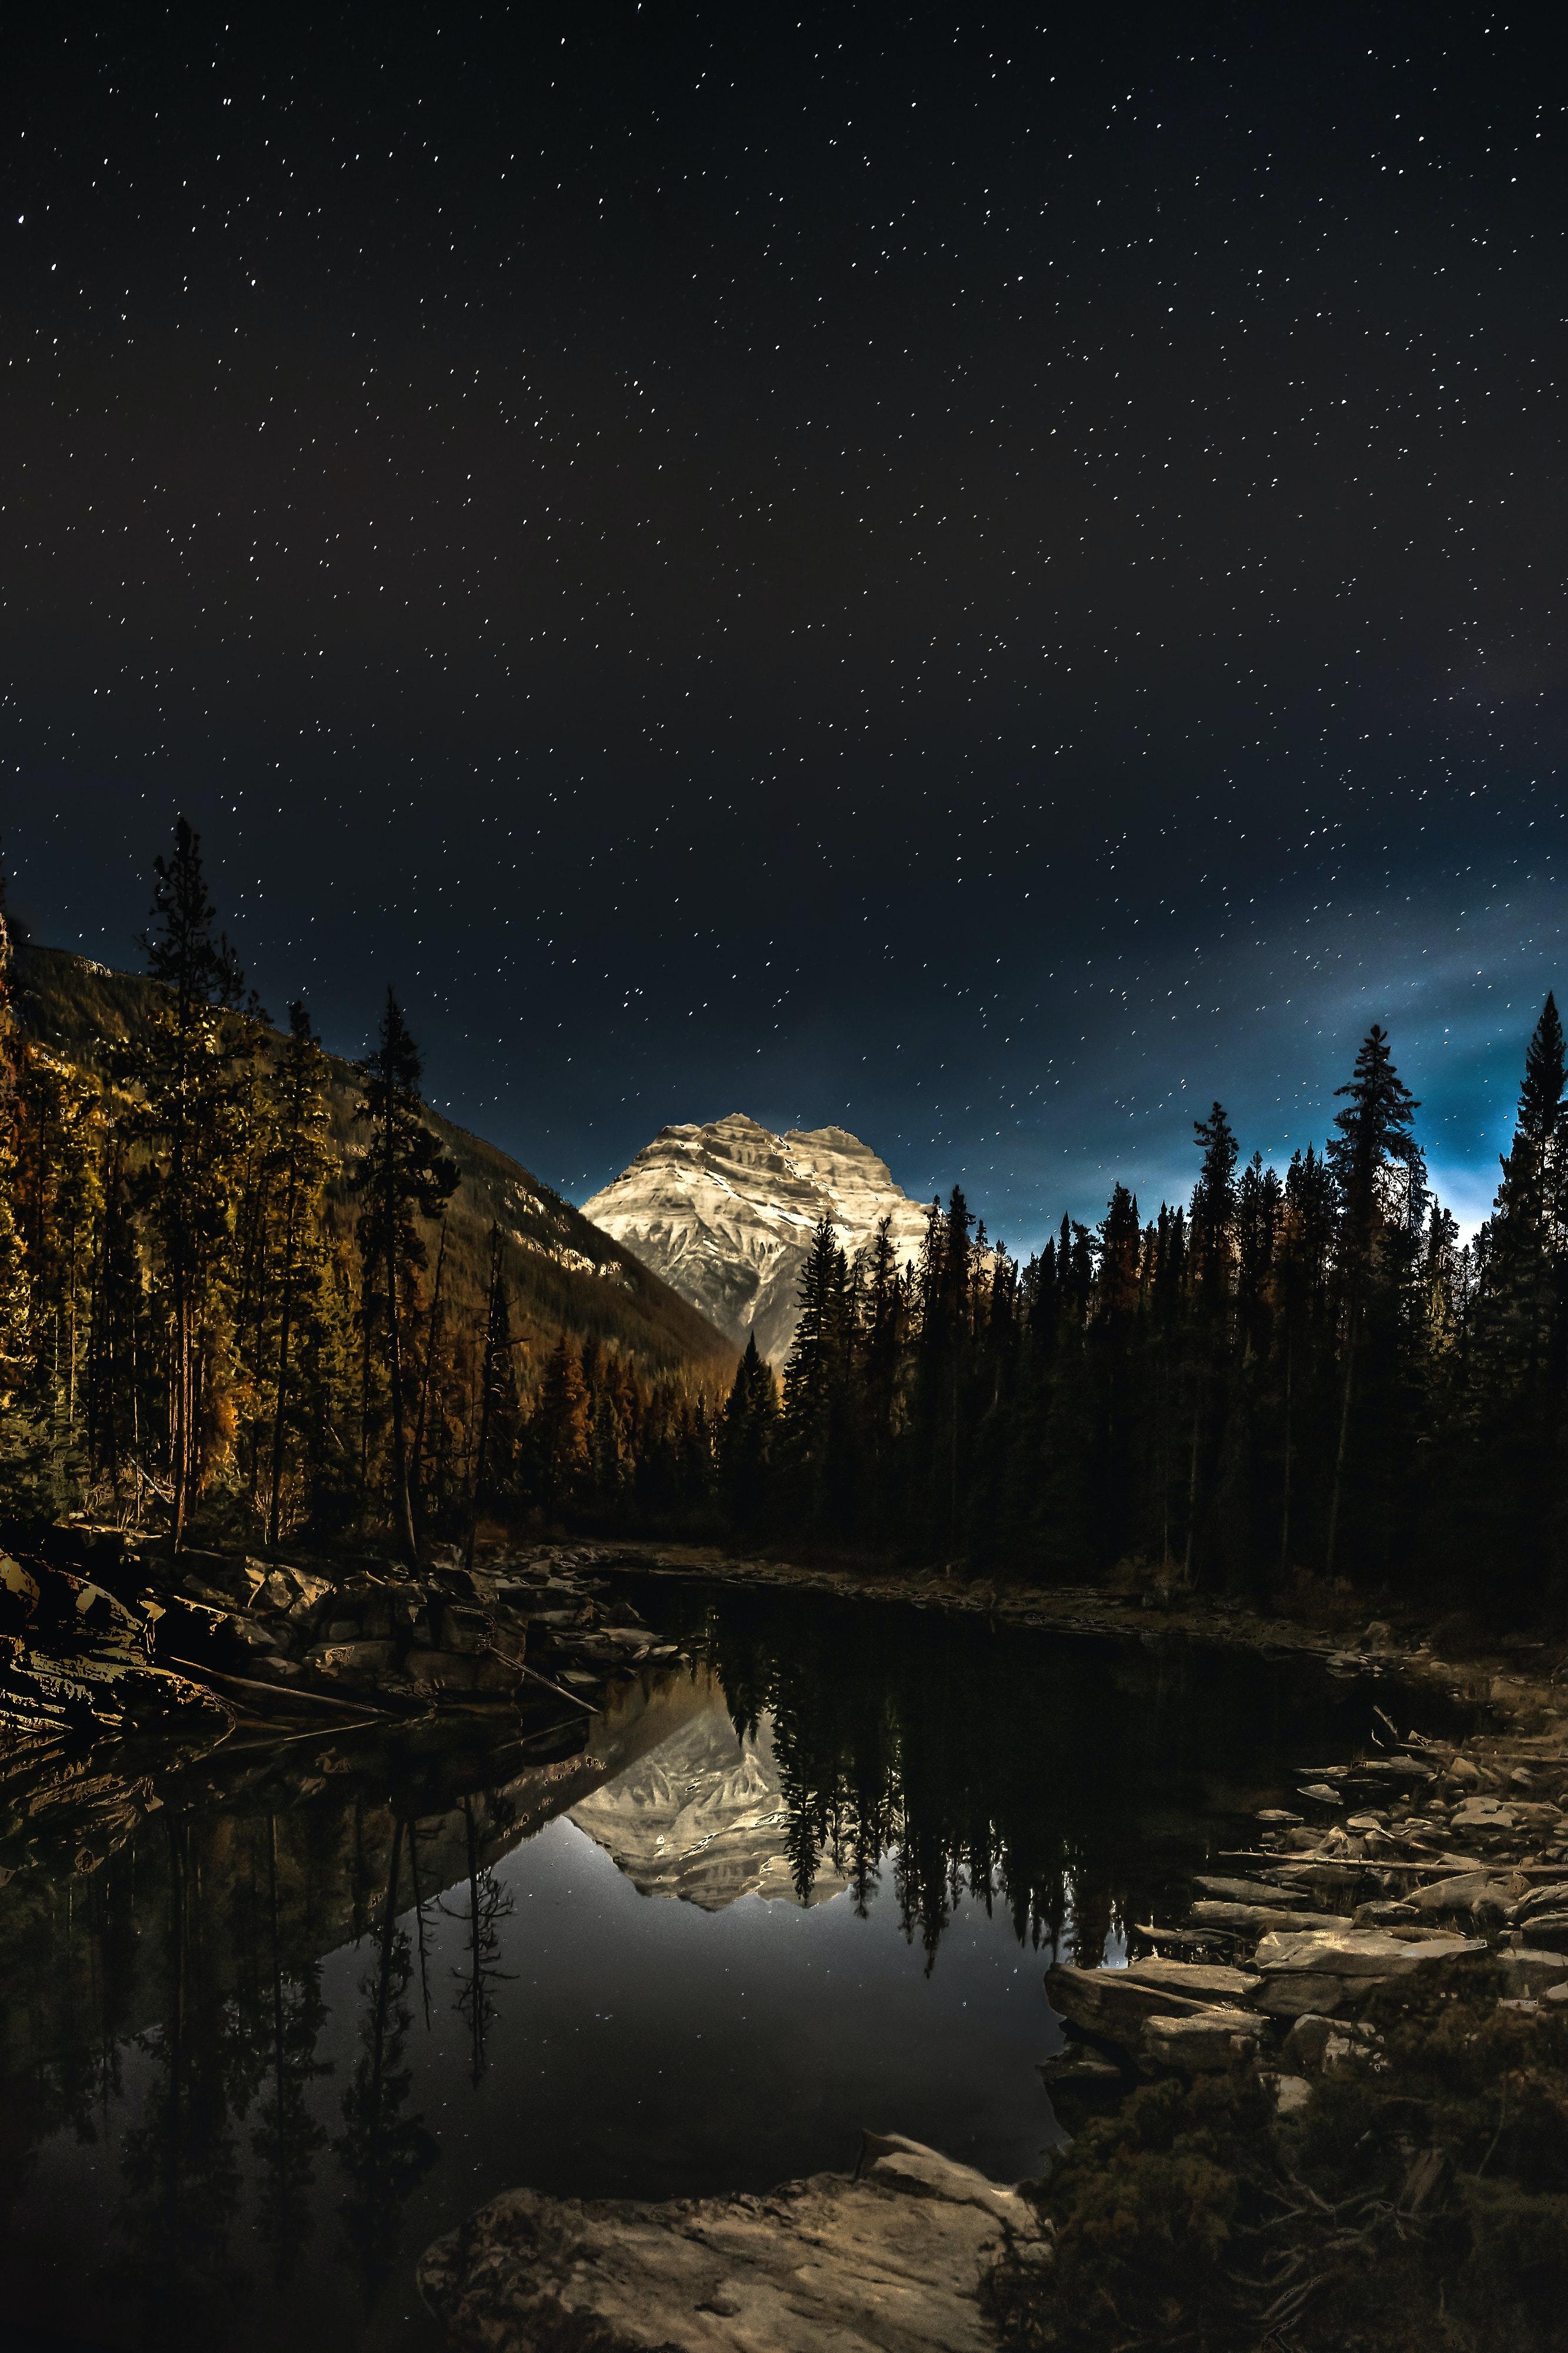 126937 скачать обои Пейзаж, Природа, Ночь, Гора, Озеро, Лес - заставки и картинки бесплатно